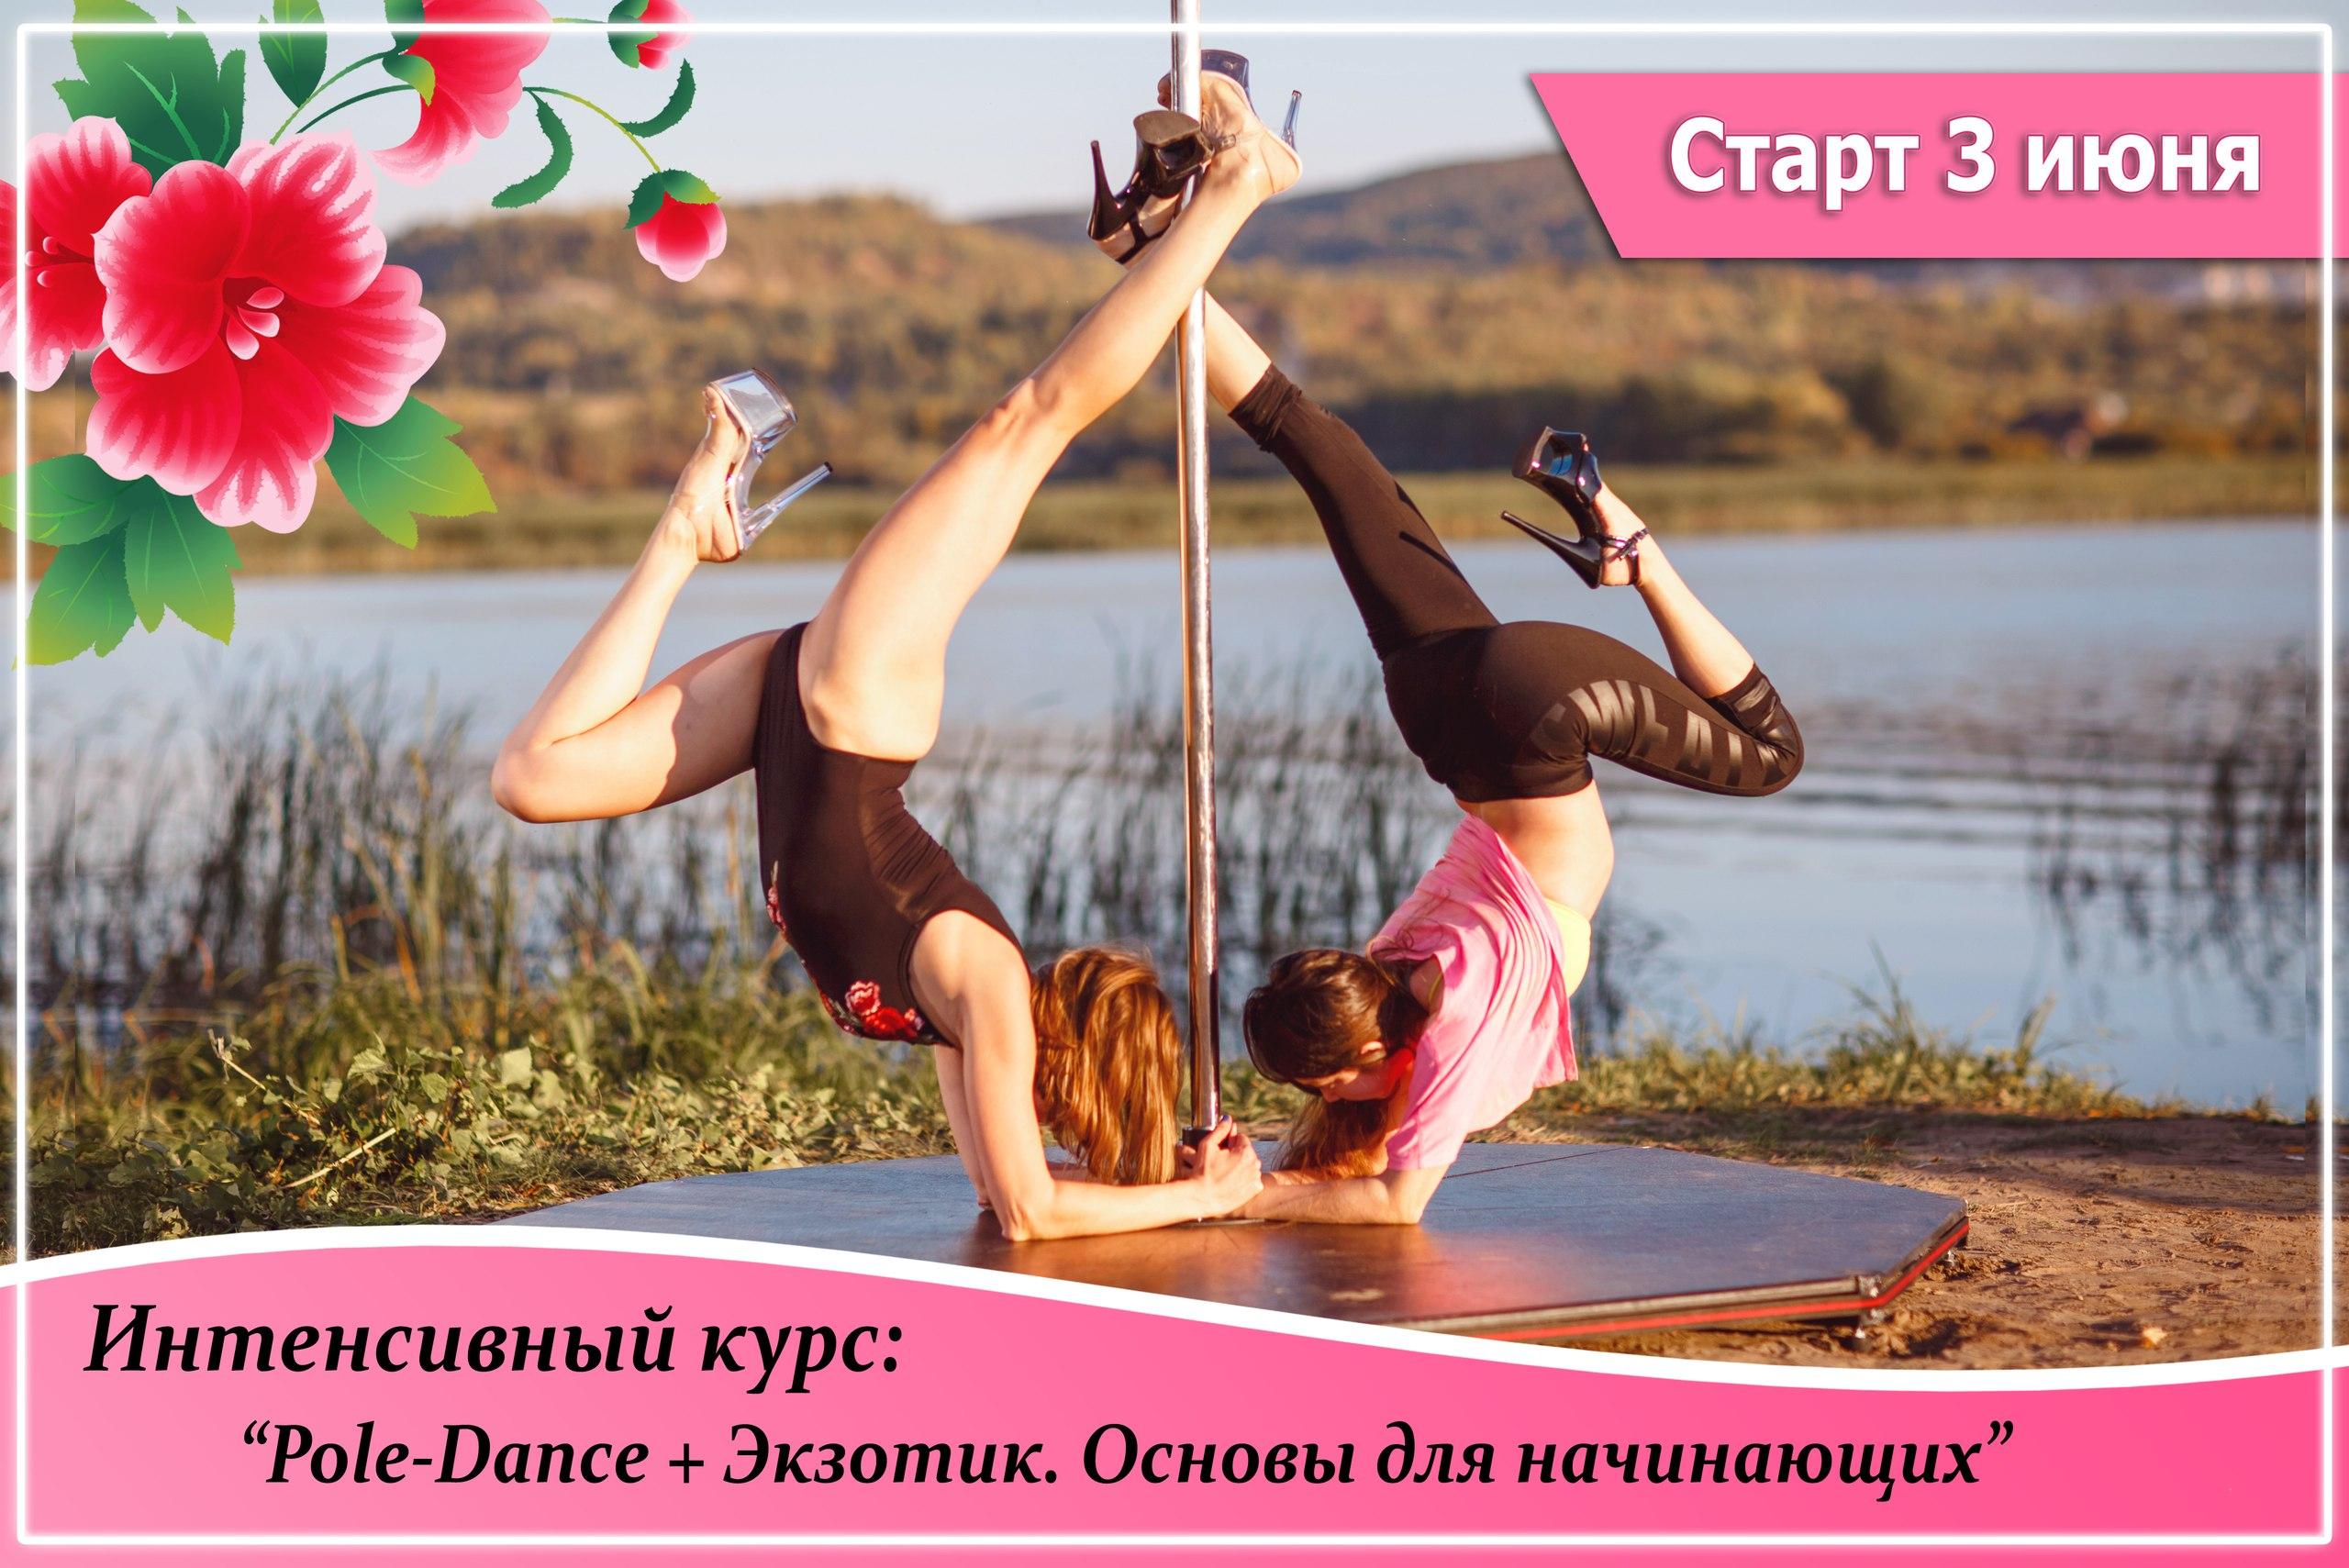 Pole-Dance в Самаре для начинающих